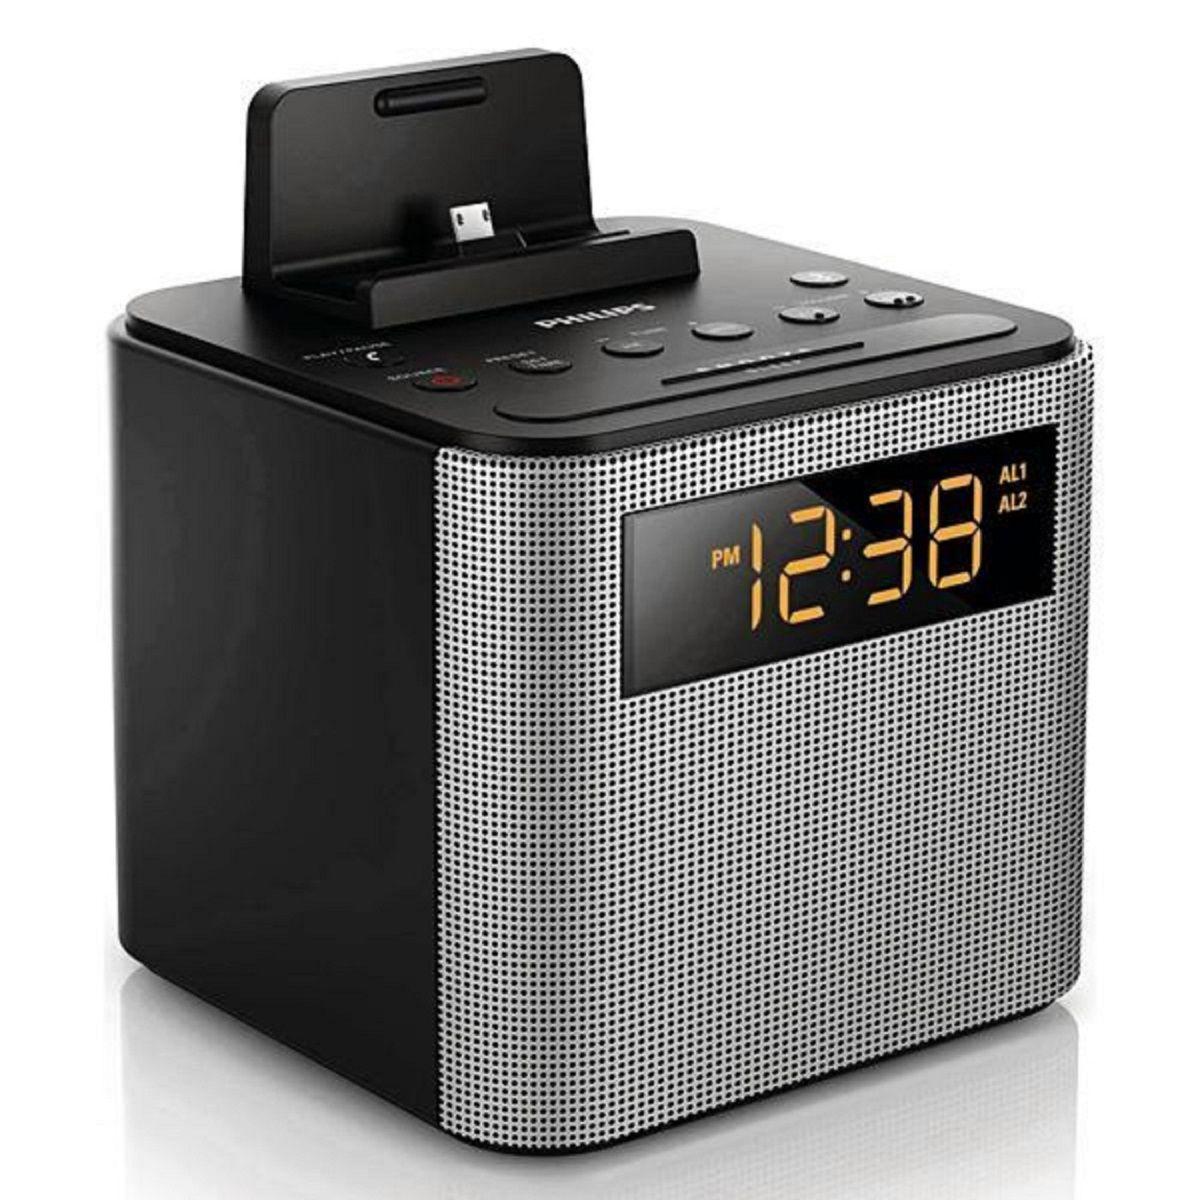 Relógio Despertador Philips AJT3300/37 com Bluetooth/USB Bivolt